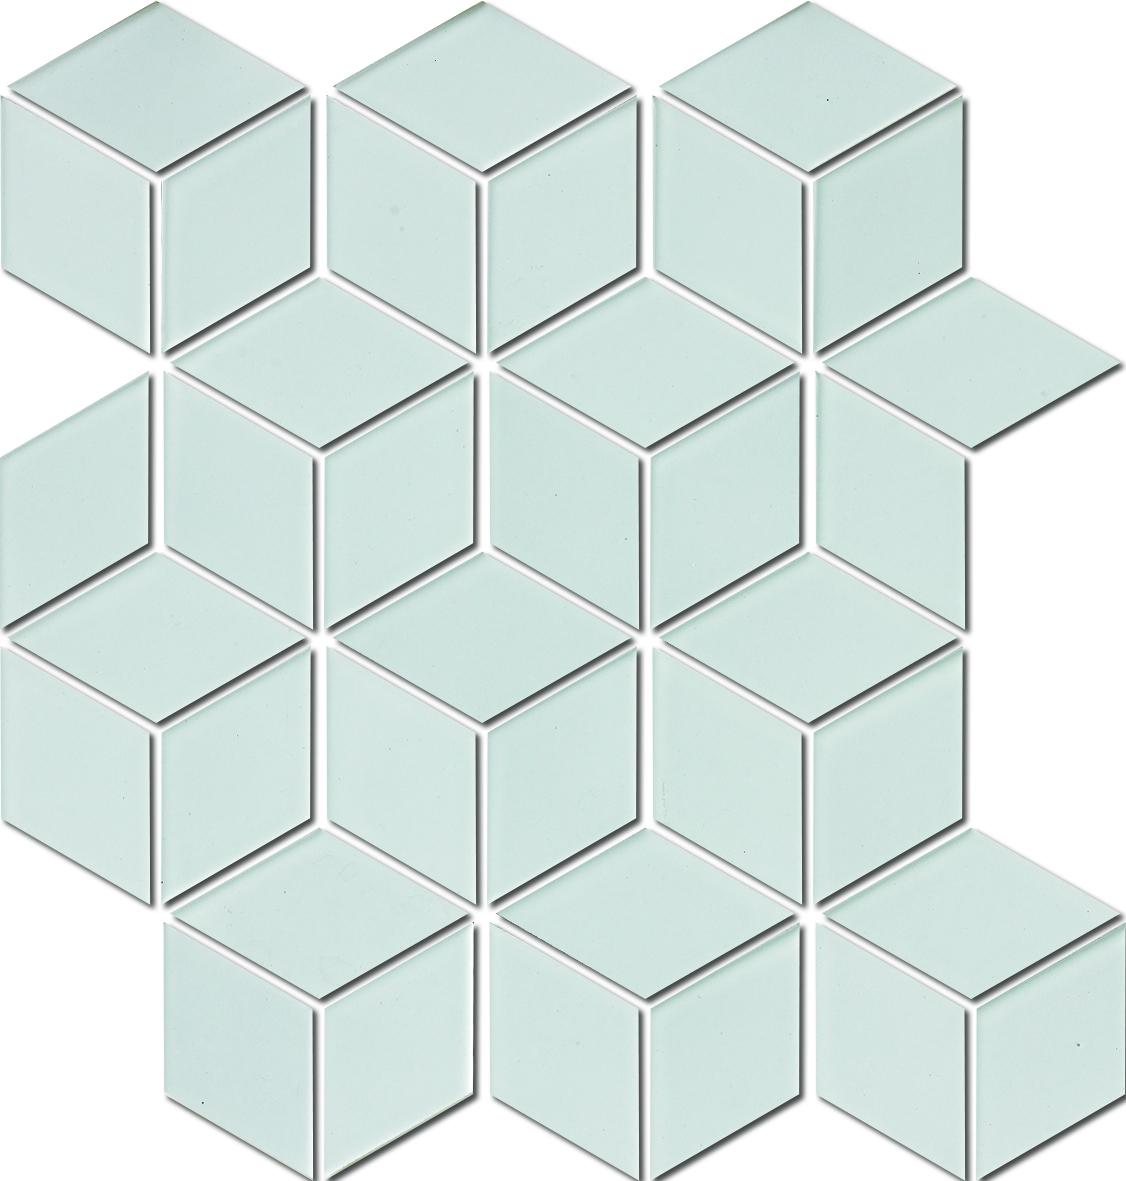 DIAMOND HEX WHITE HPAW6570 MATT R10 48x48mm - Hansas Plaadimaailm